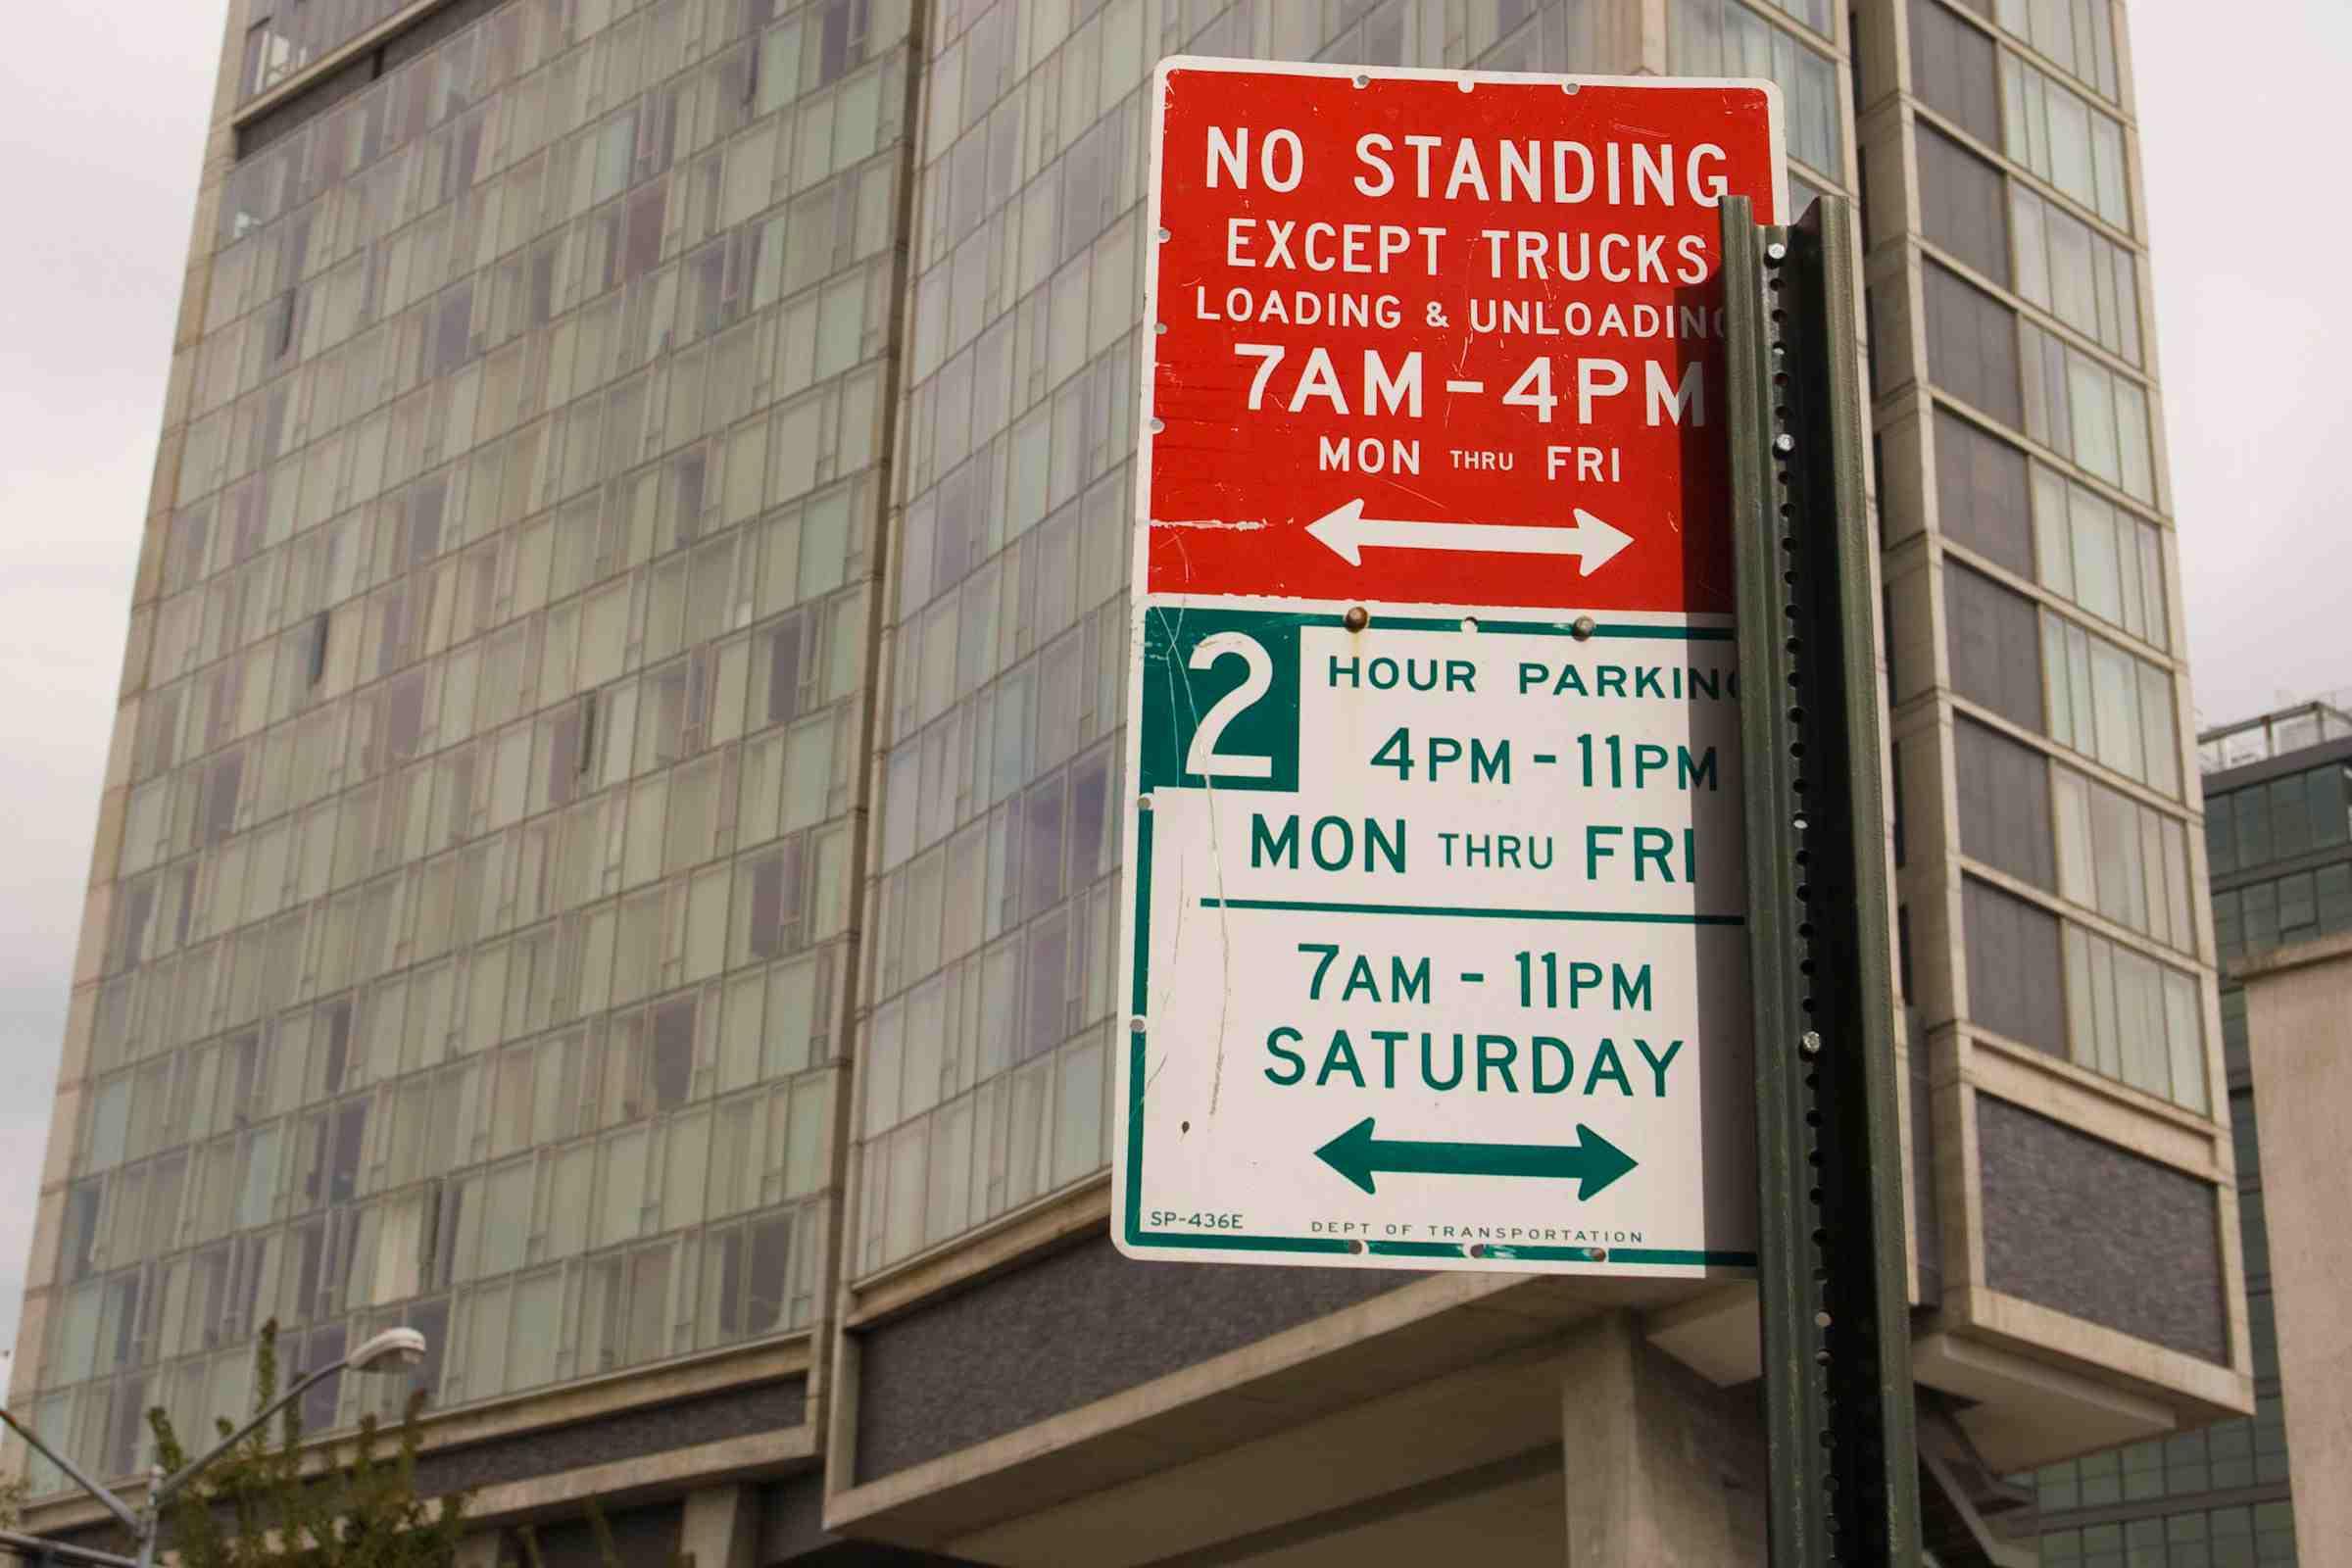 NYC Street Signs 59c2ca7203f402001065547d 2